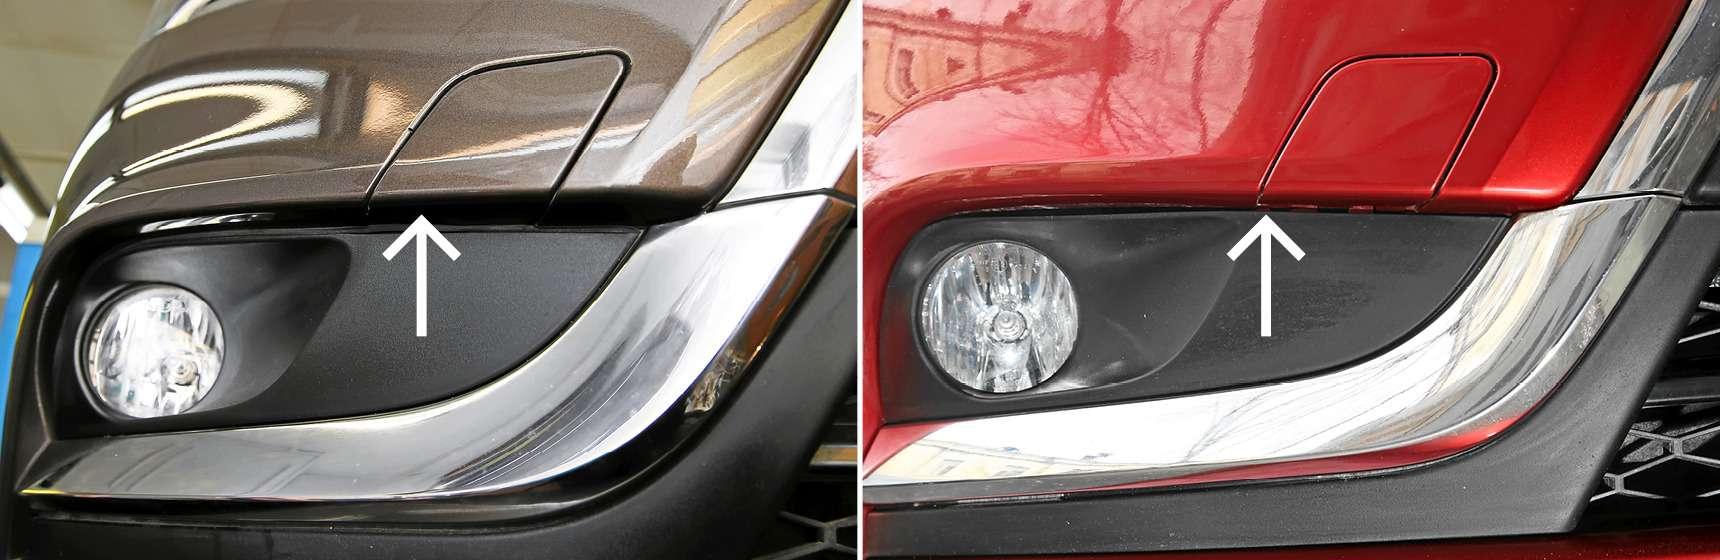 Оцениваем качество сборки Lada Vesta: жертва логистики— фото 588514